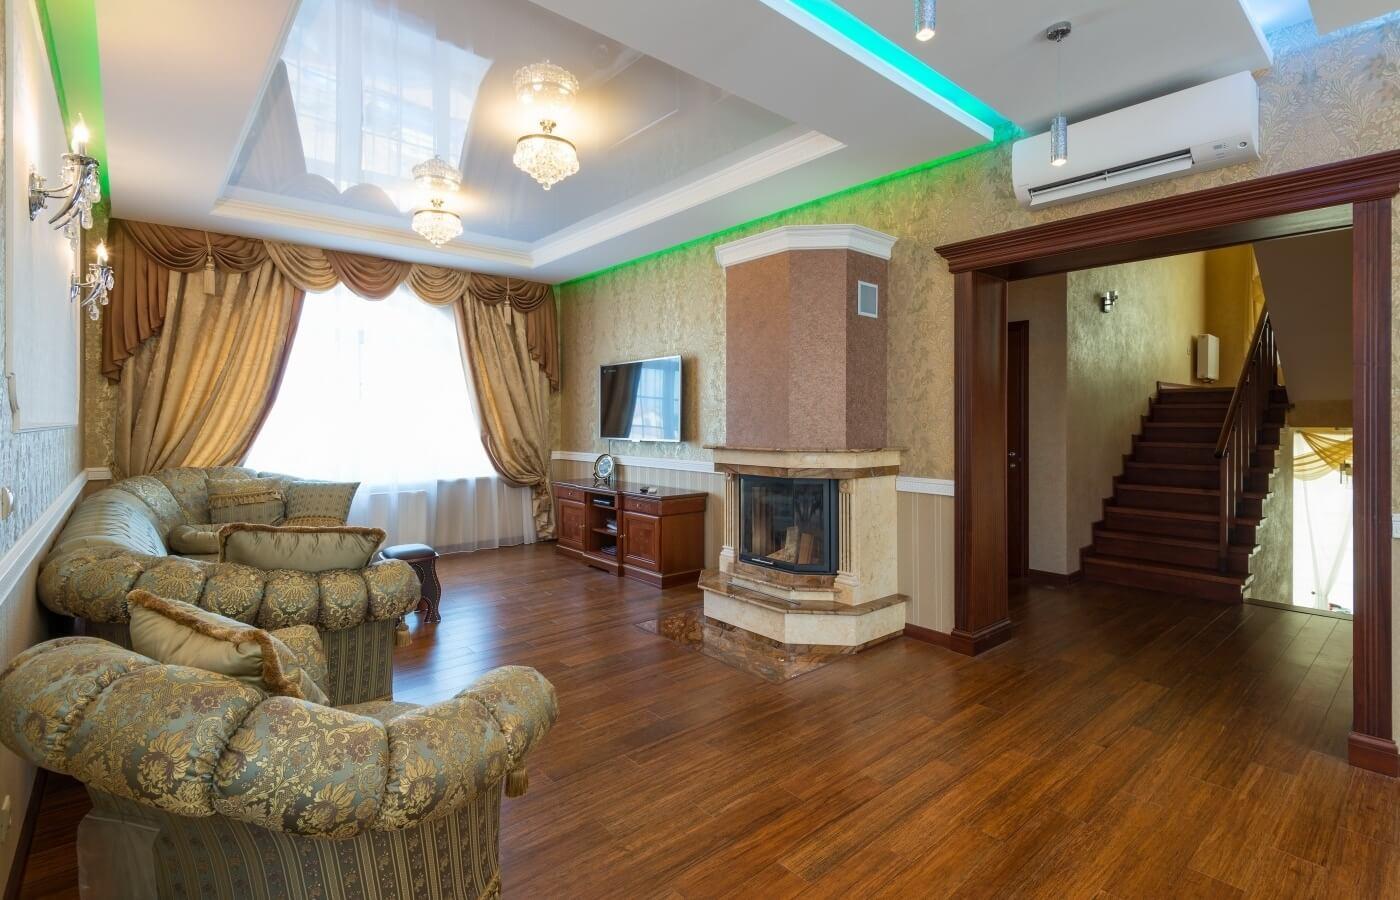 дом под ключ фото комнат резьба узор розетки